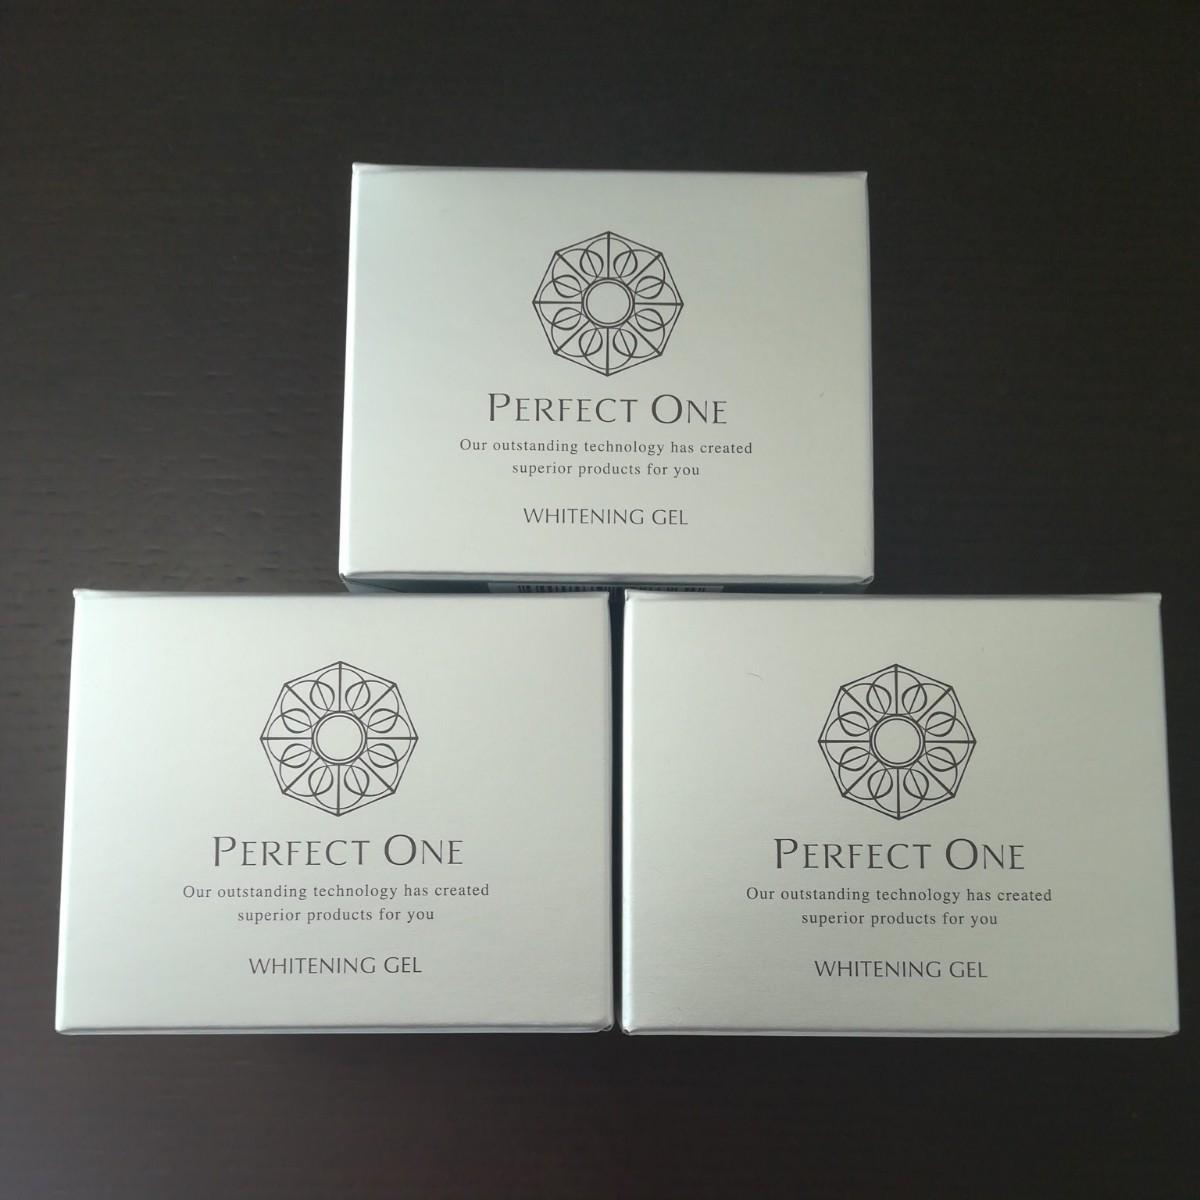 新日本製薬 パーフェクトワン薬用ホワイトニングジェル 3個 新品未開封